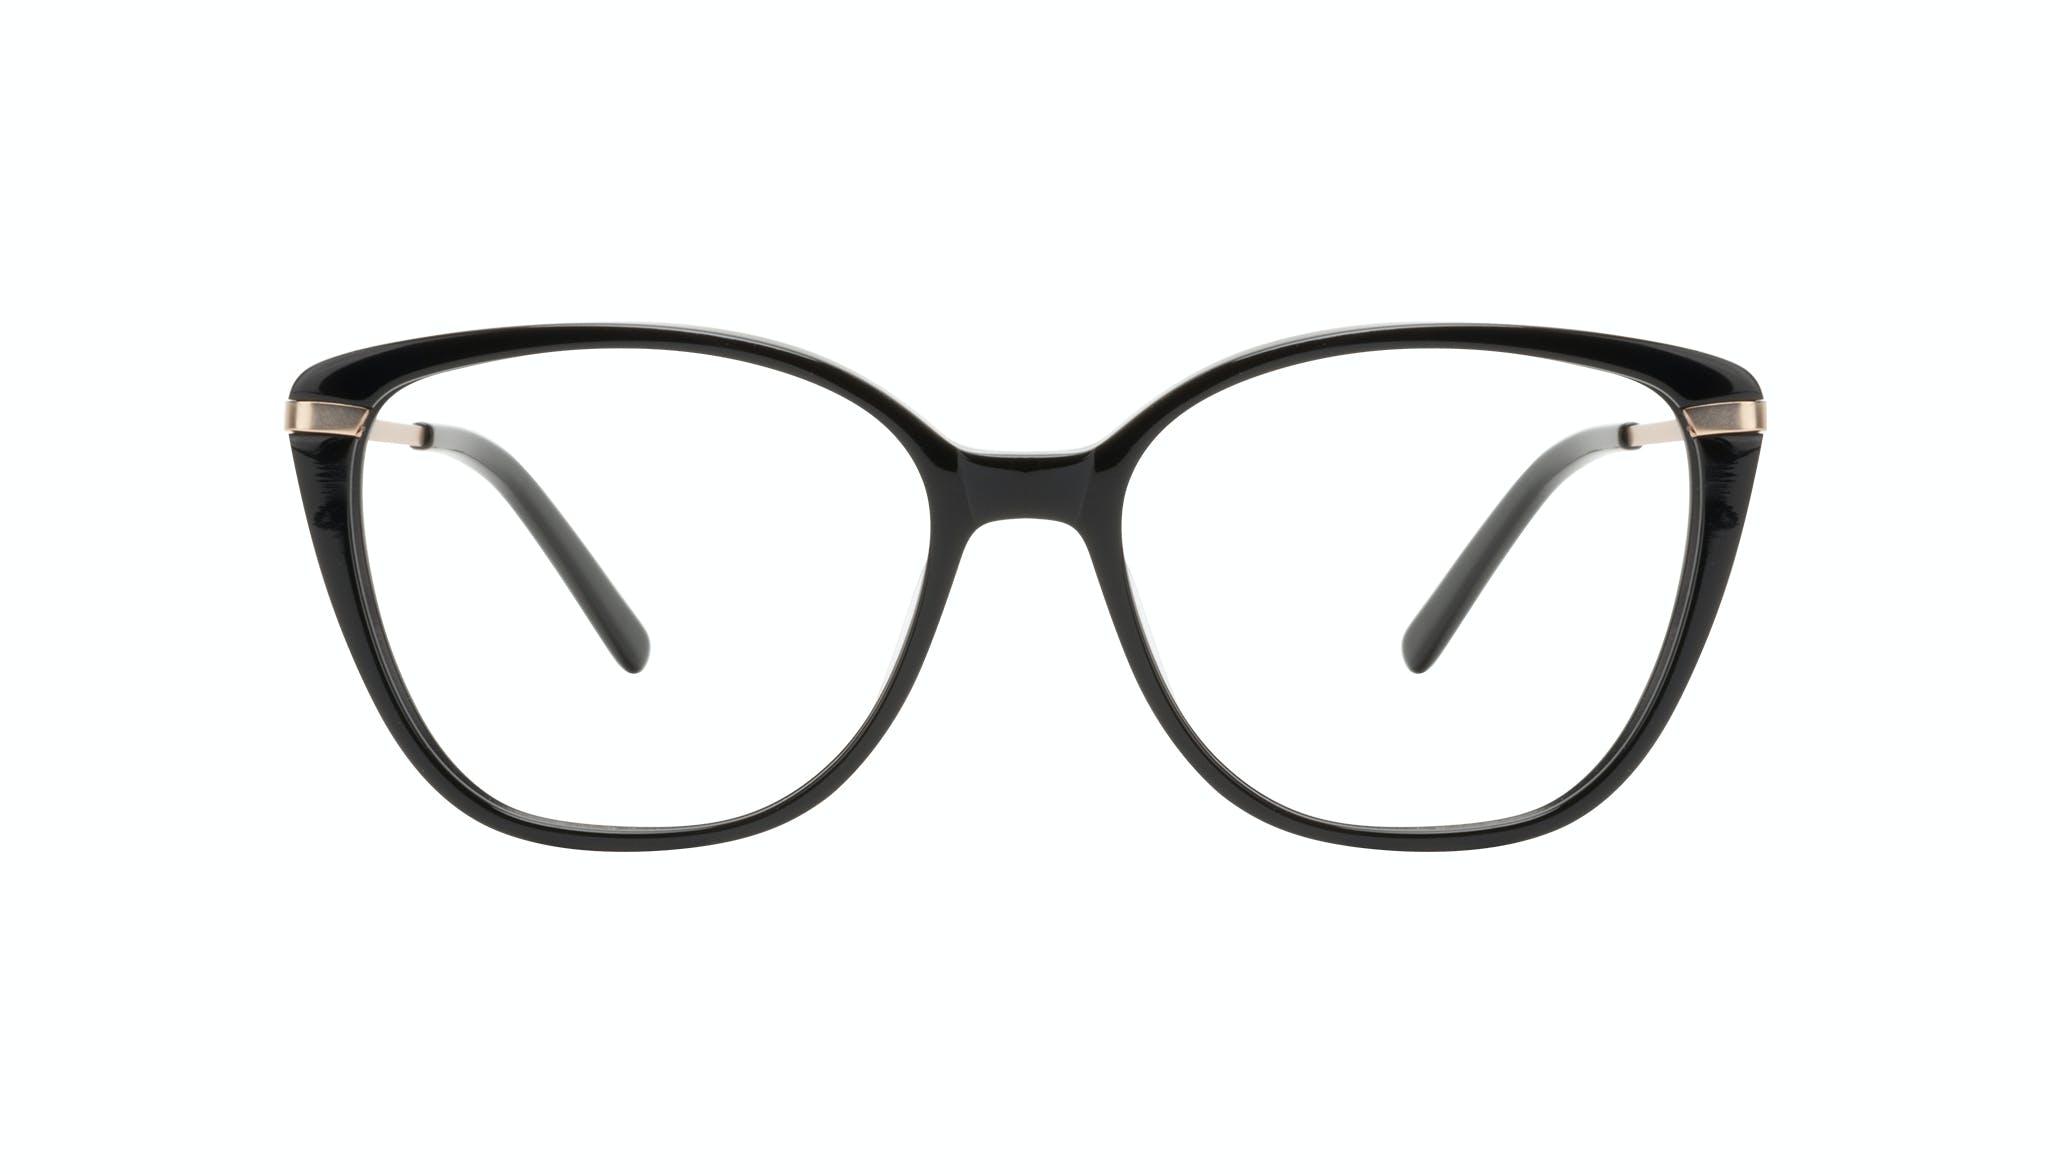 Lunettes tendance Oeil de chat Rectangle Carrée Lunettes de vue Femmes Illusion Onyx